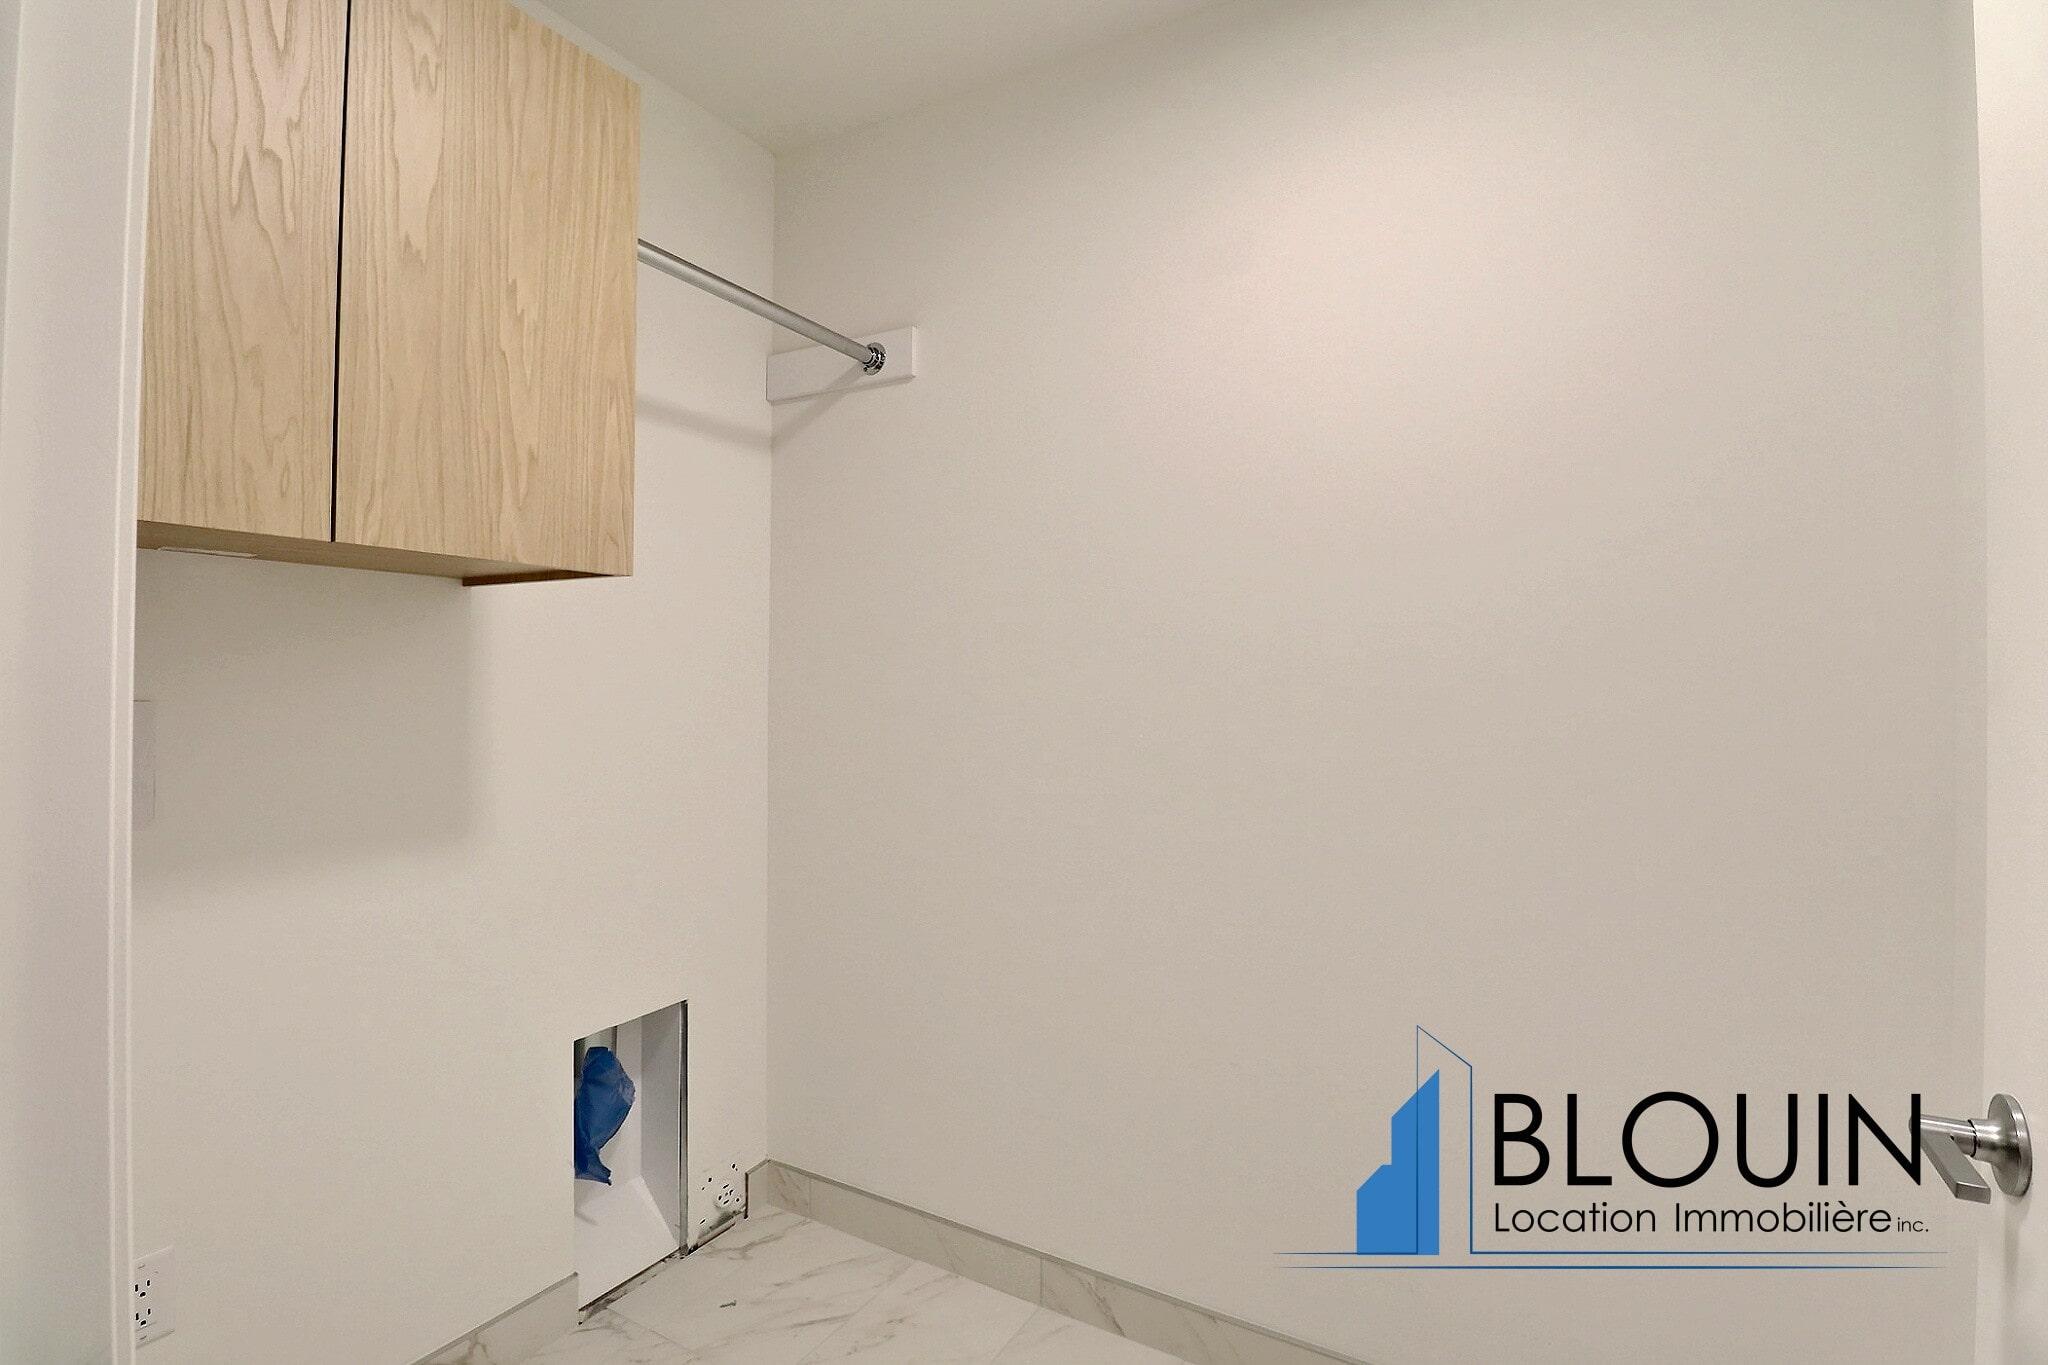 Photo 15 : Beau 4 ½, Quartier Mosaïque à Lebourgneuf, libre Maintenant, Stationnement intérieur inclus